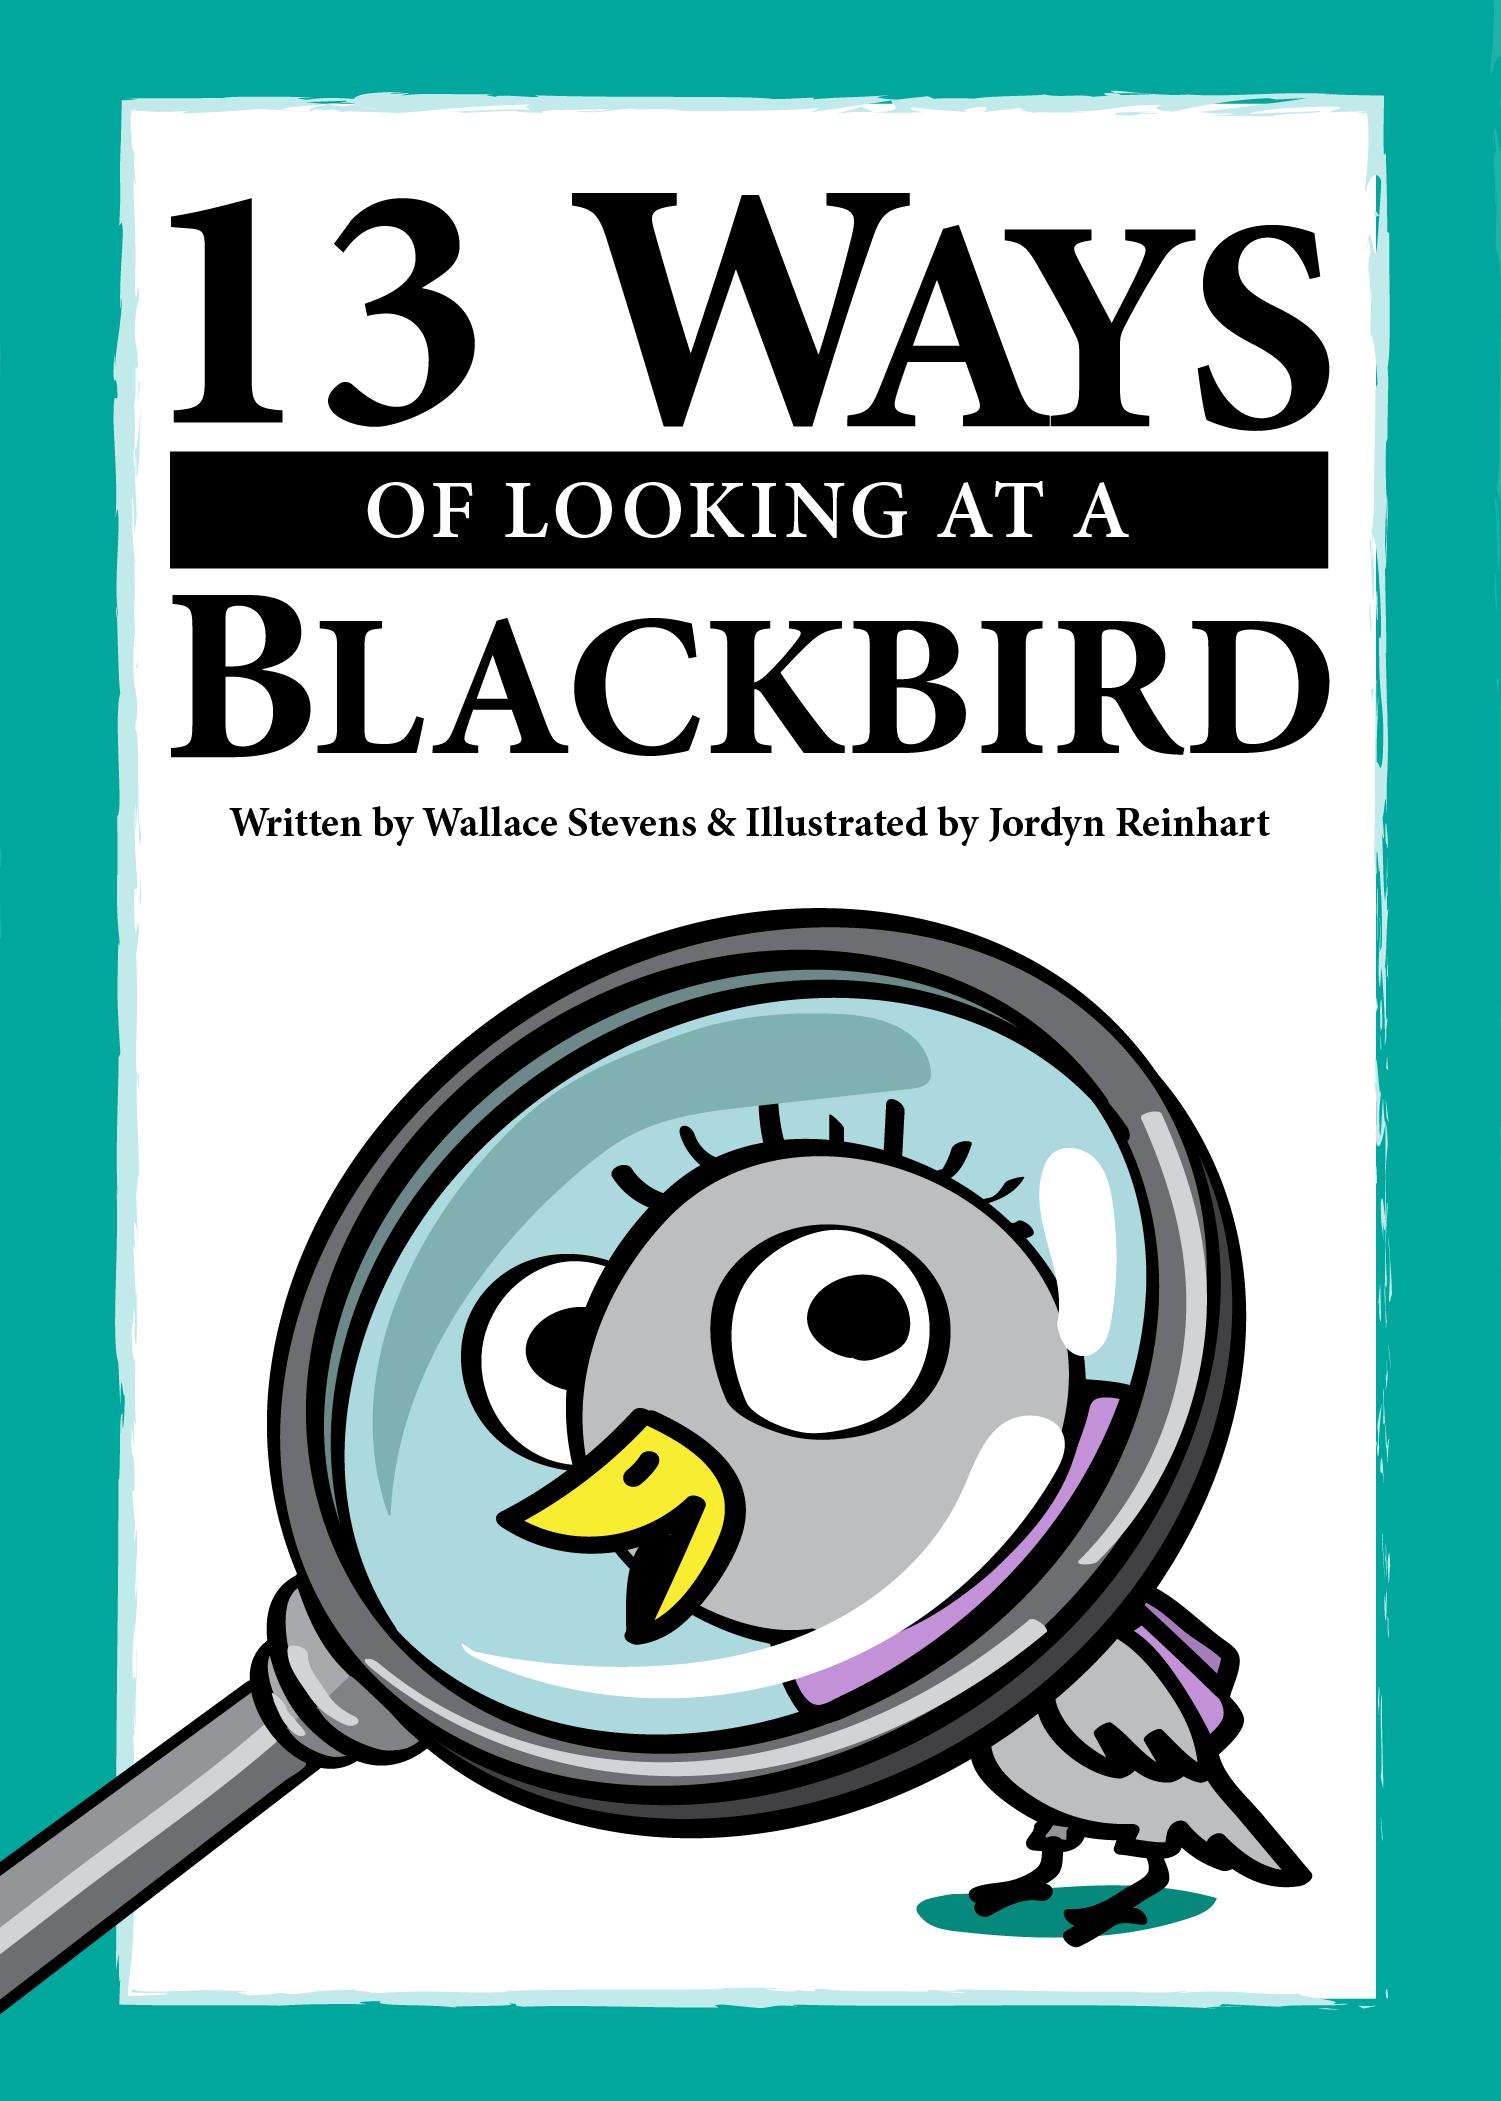 blackbird_01.png